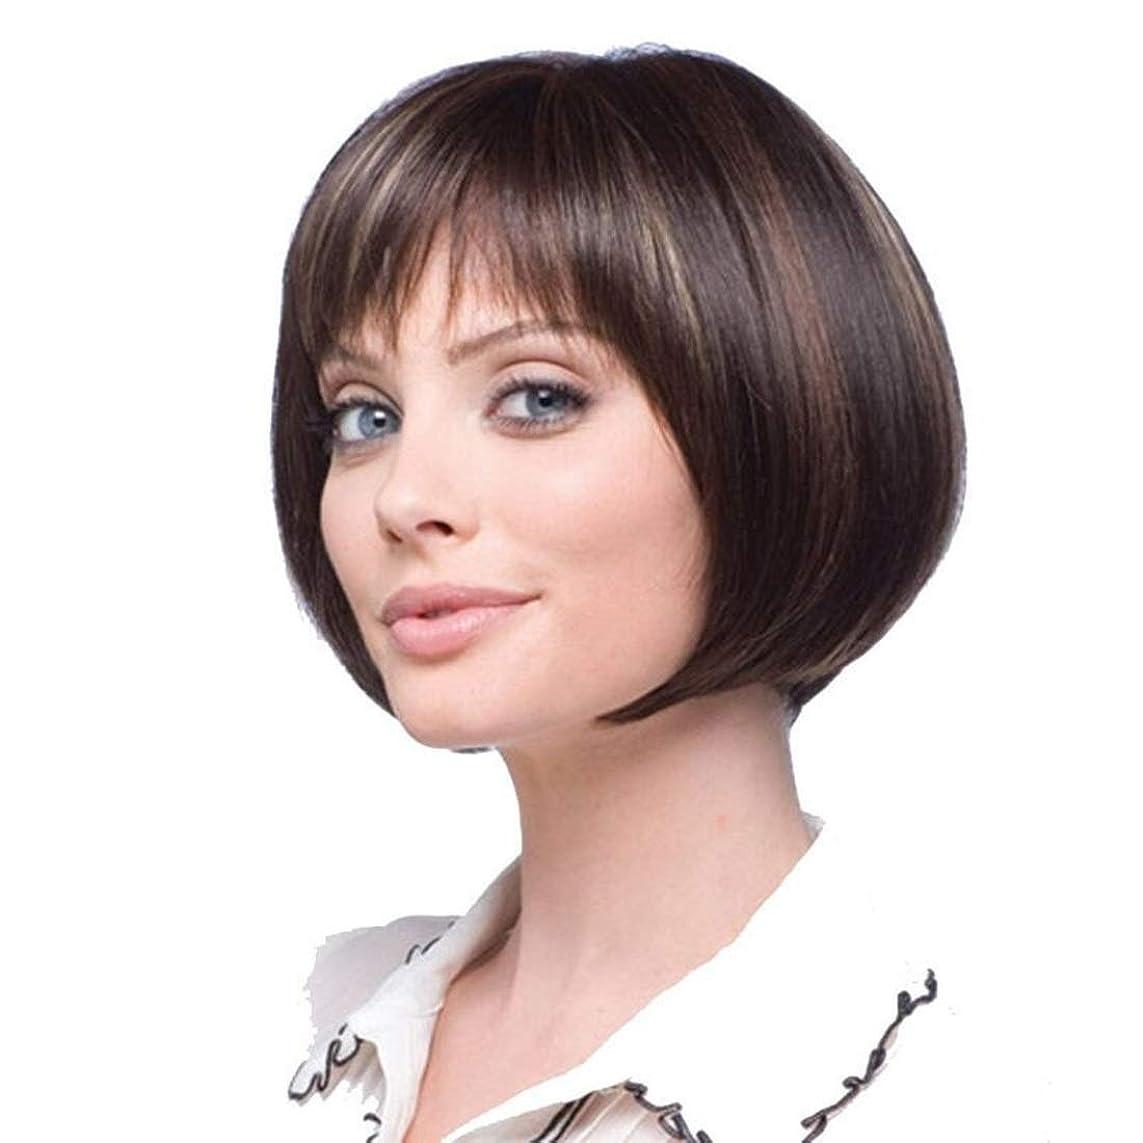 ファシズム夕暮れ崩壊Summerys ショートボブの髪ウィッグストレート前髪付き合成カラフルなコスプレデイリーパーティーウィッグ本物の髪として自然な女性のための